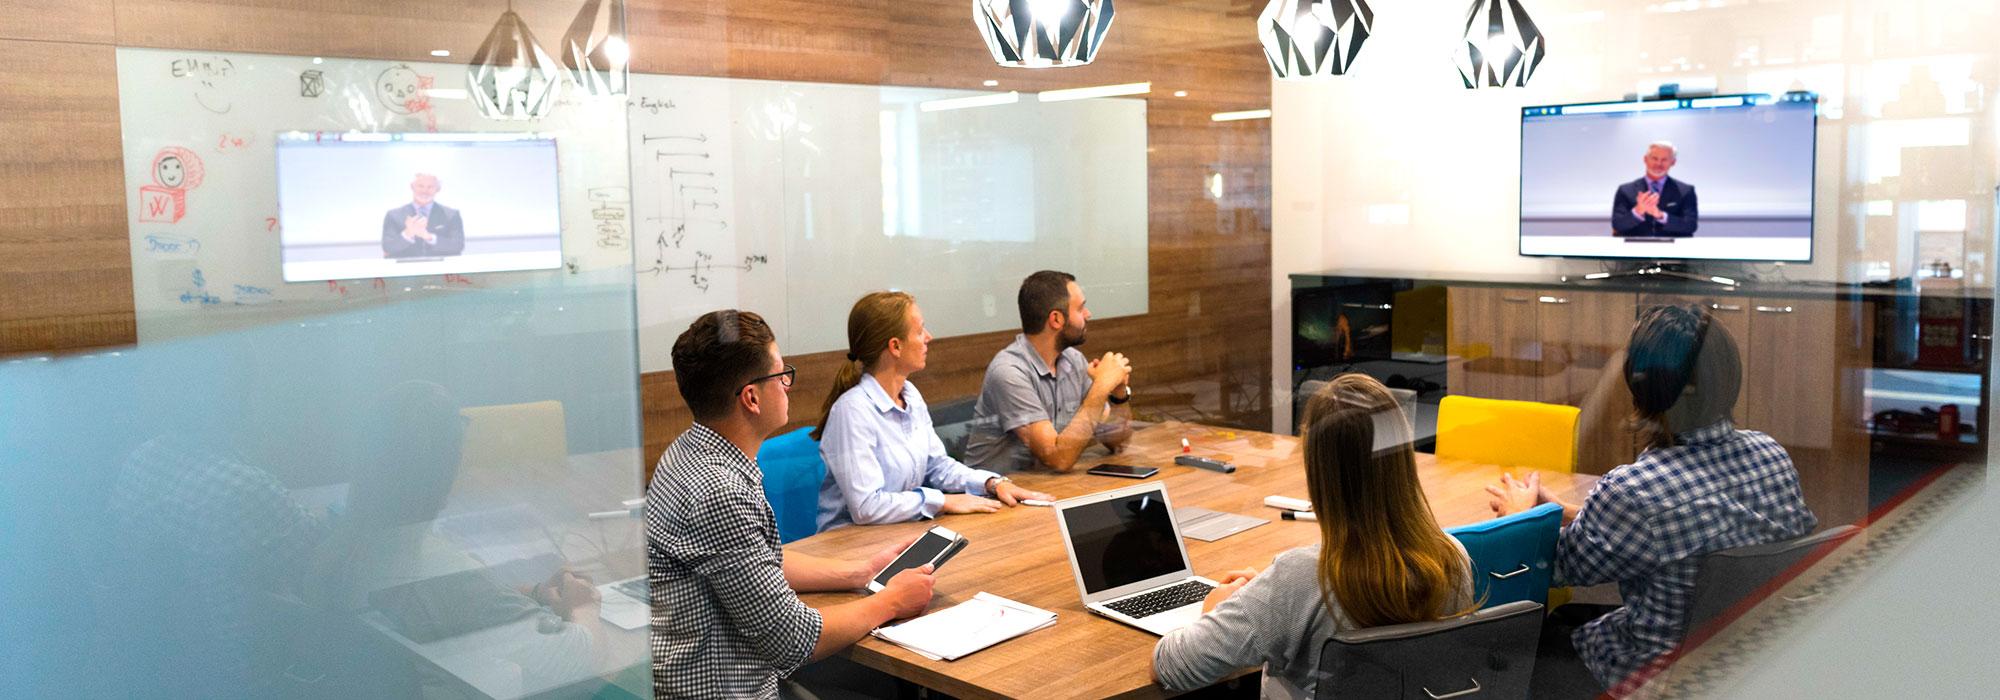 progettazione sistemi di videoconferenza agicoom borgosesia varallo.png